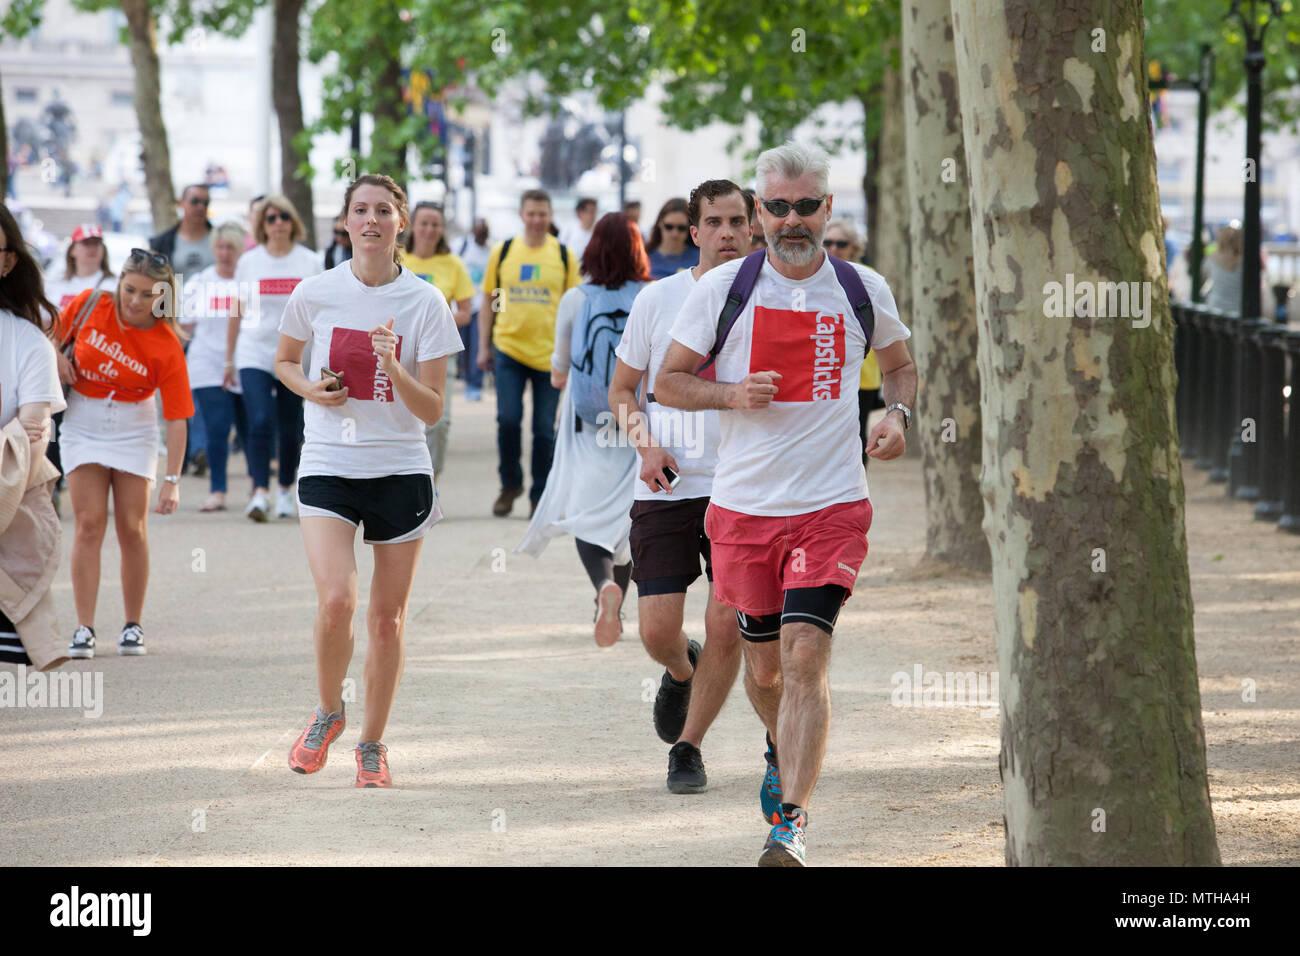 London Rechtliche zu Fuß 2018, eine jährliche Sponsored Walk Geld für Prozesskostenhilfe zu erhöhen. Die, die teilnehmen, sind in erster Linie Rechtsanwälte und Mitarbeiter der Anwaltskanzleien. Stockbild